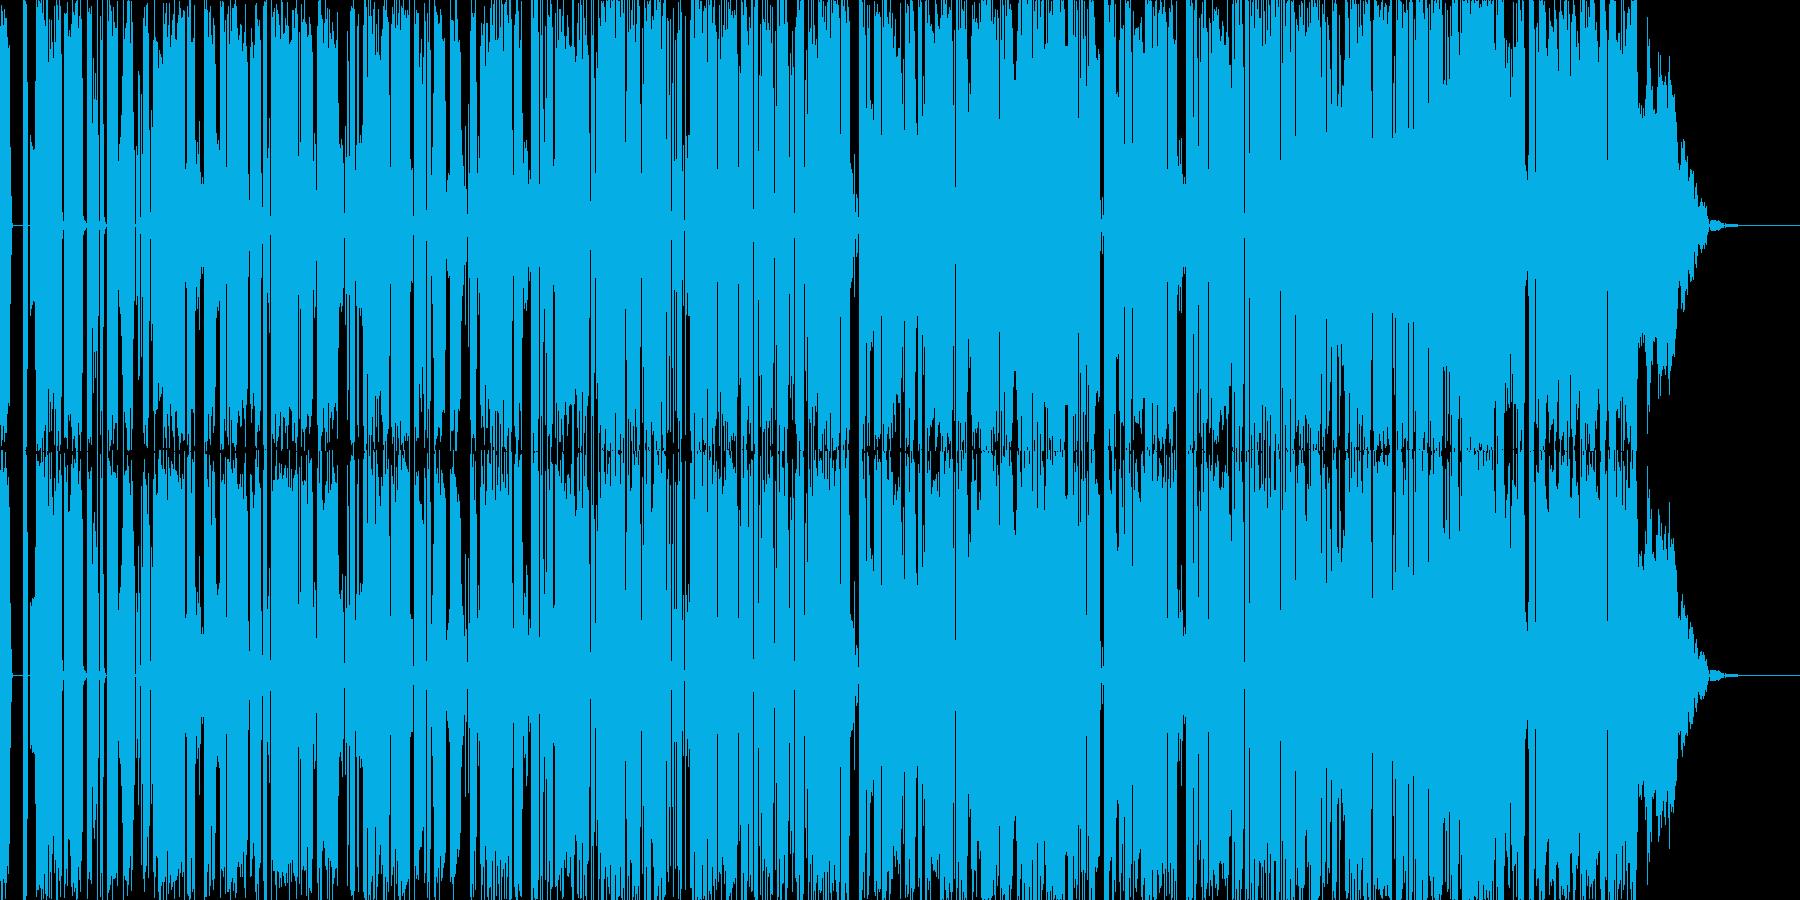 ユニークなBGMに仕上げました。の再生済みの波形